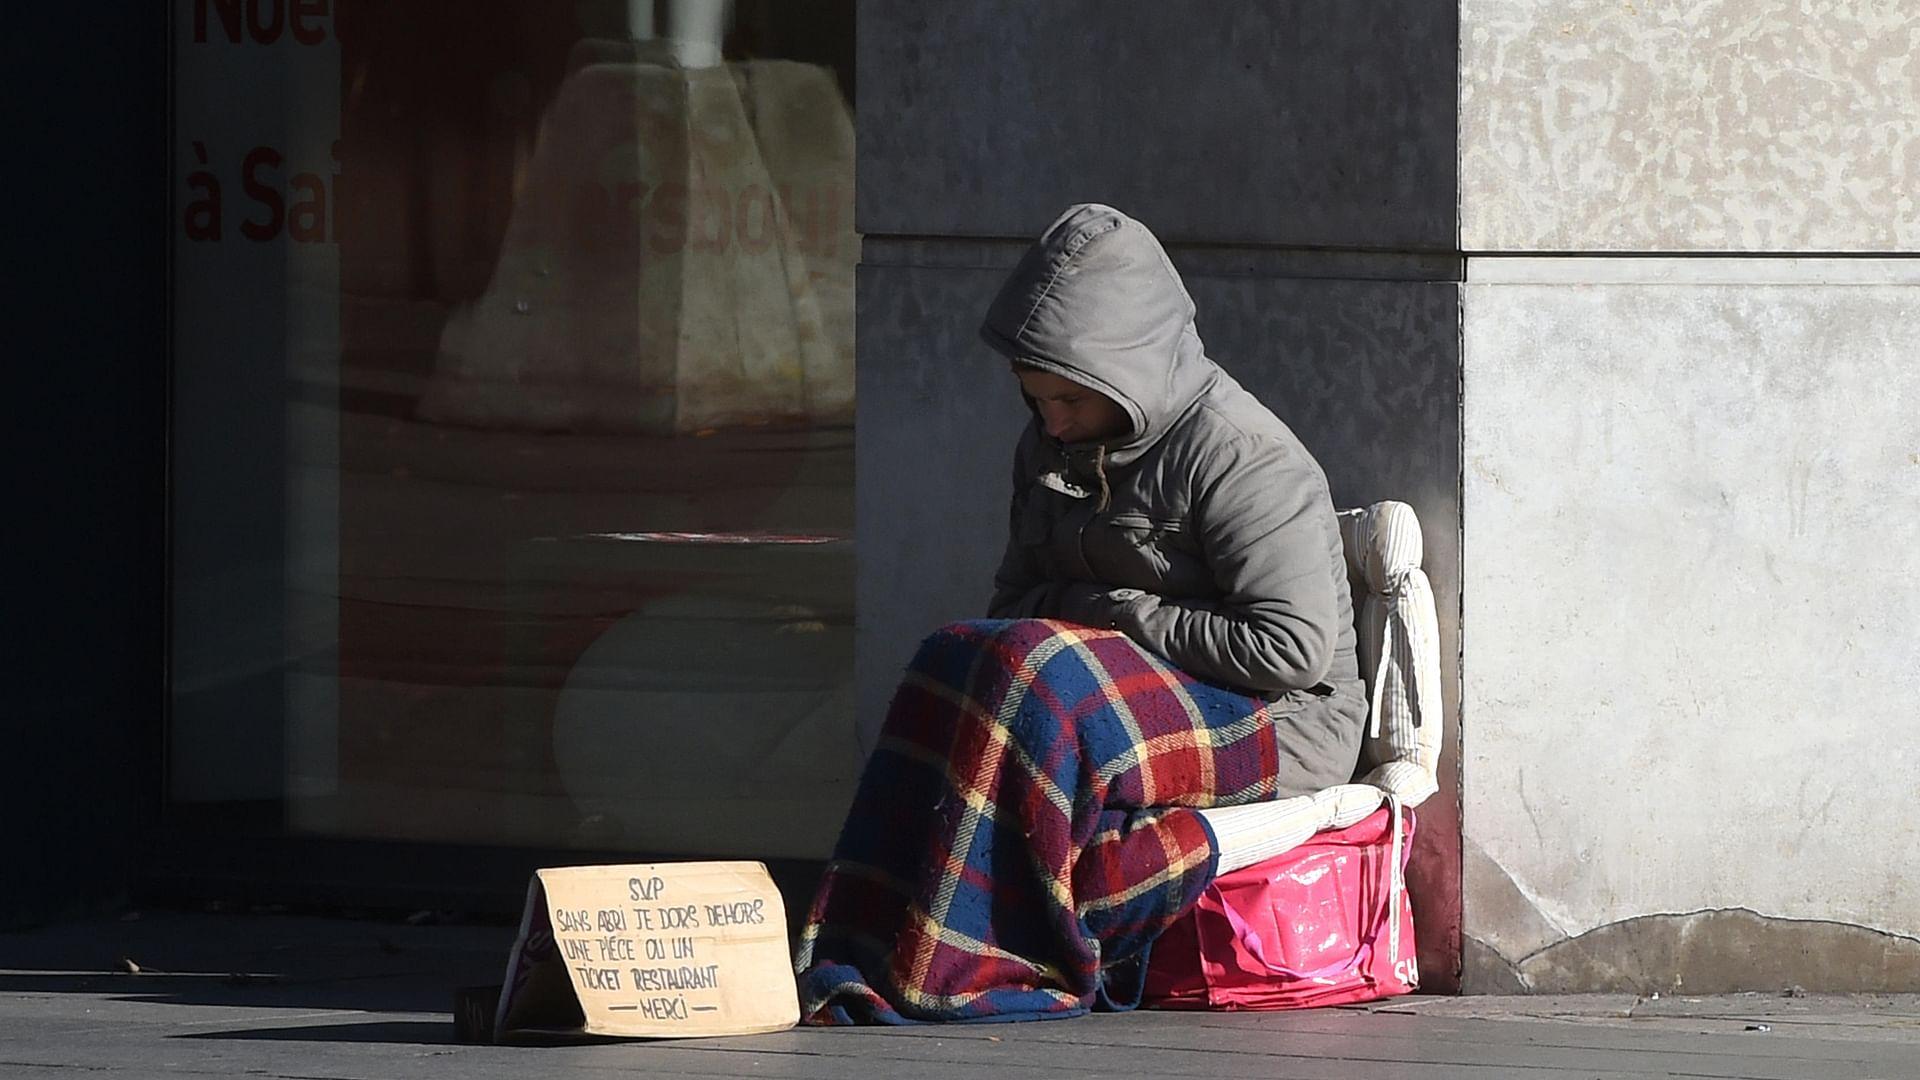 Le monde face au défi de la pauvreté